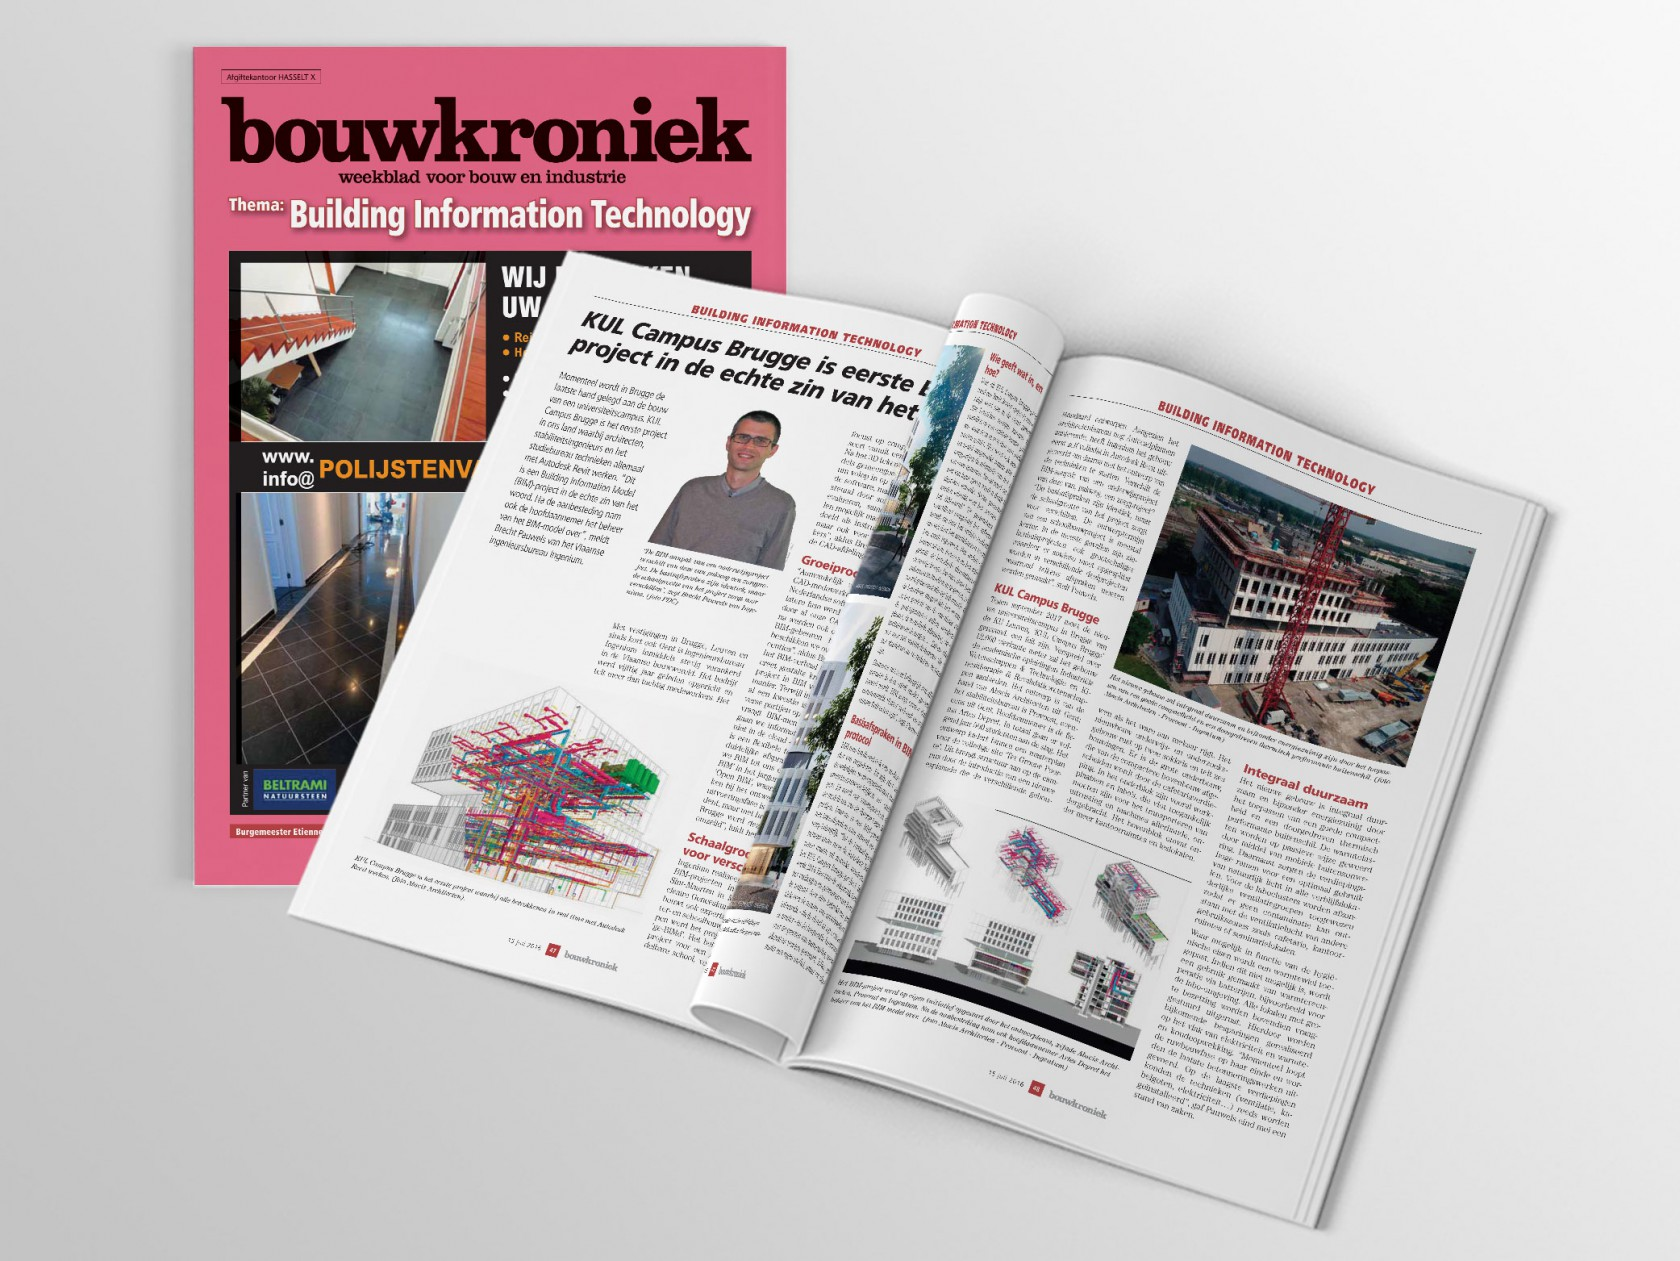 Abscis Architecten - Bouwkroniek - KUL Campus Brugge is eerste BIMproject in de echte zin van het woord